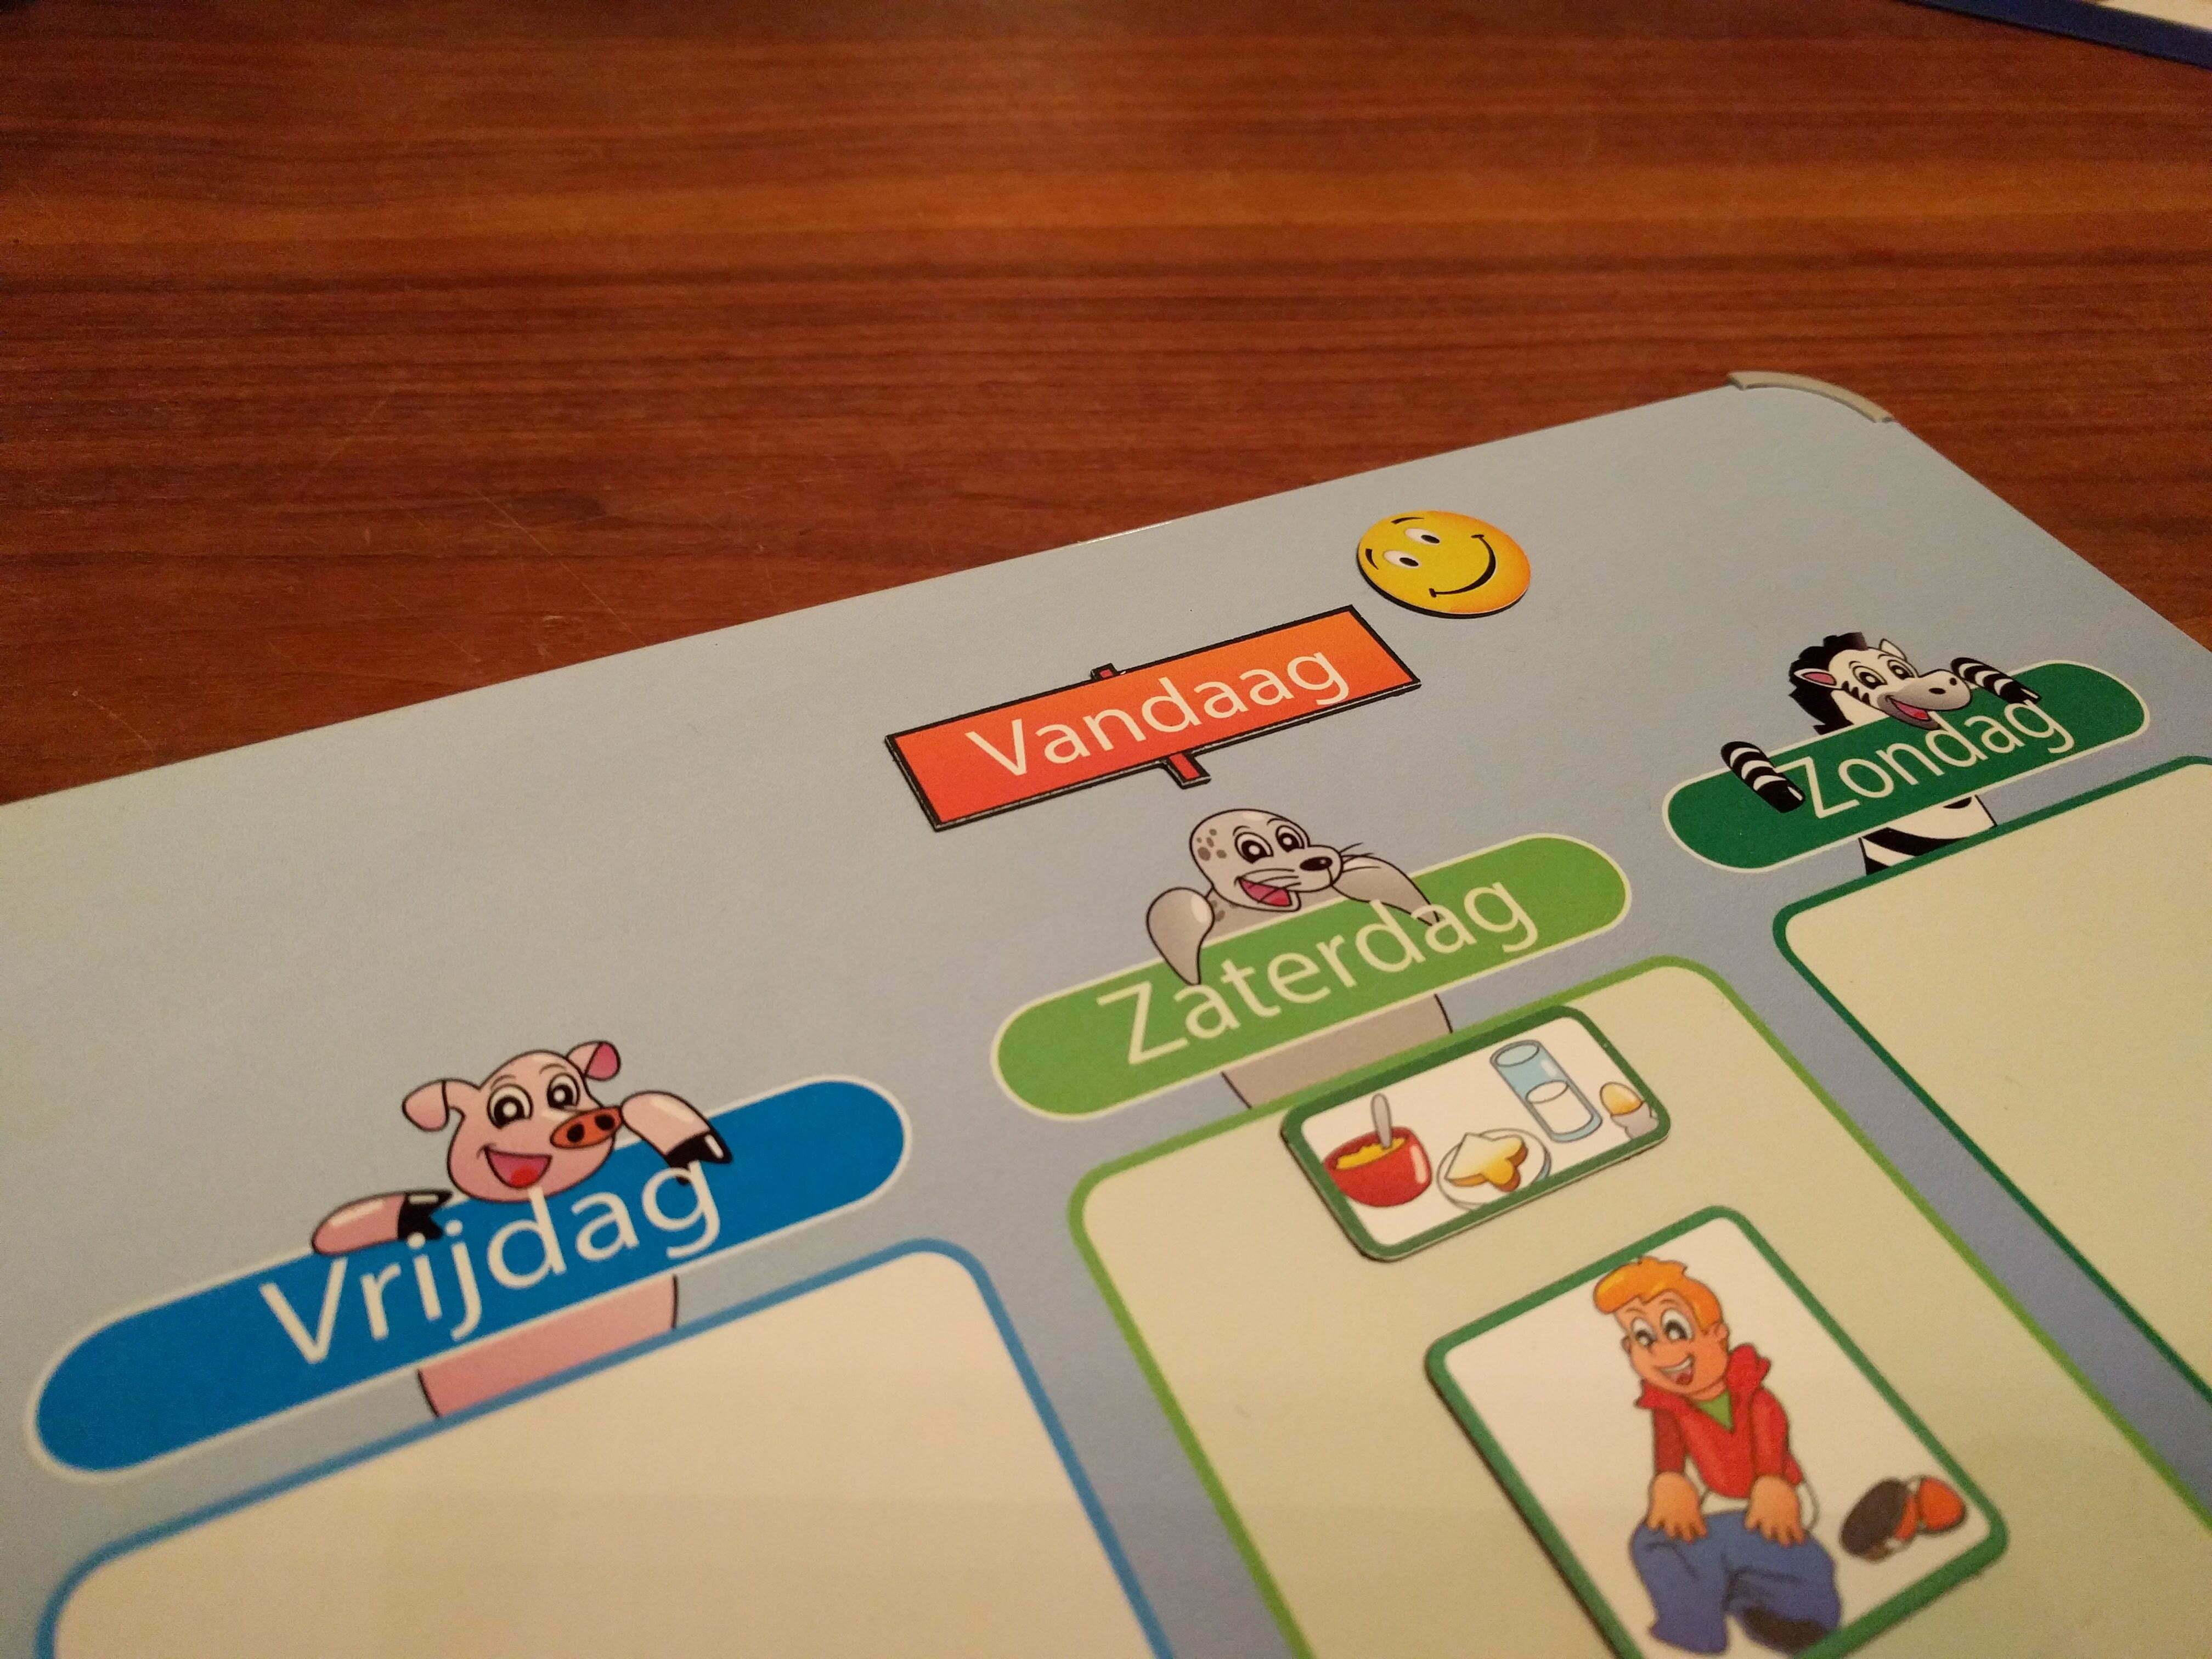 Voorkeur Planbord en dagritme kaarten, waarom en hoe te gebruiken - Moeders.nu IV53